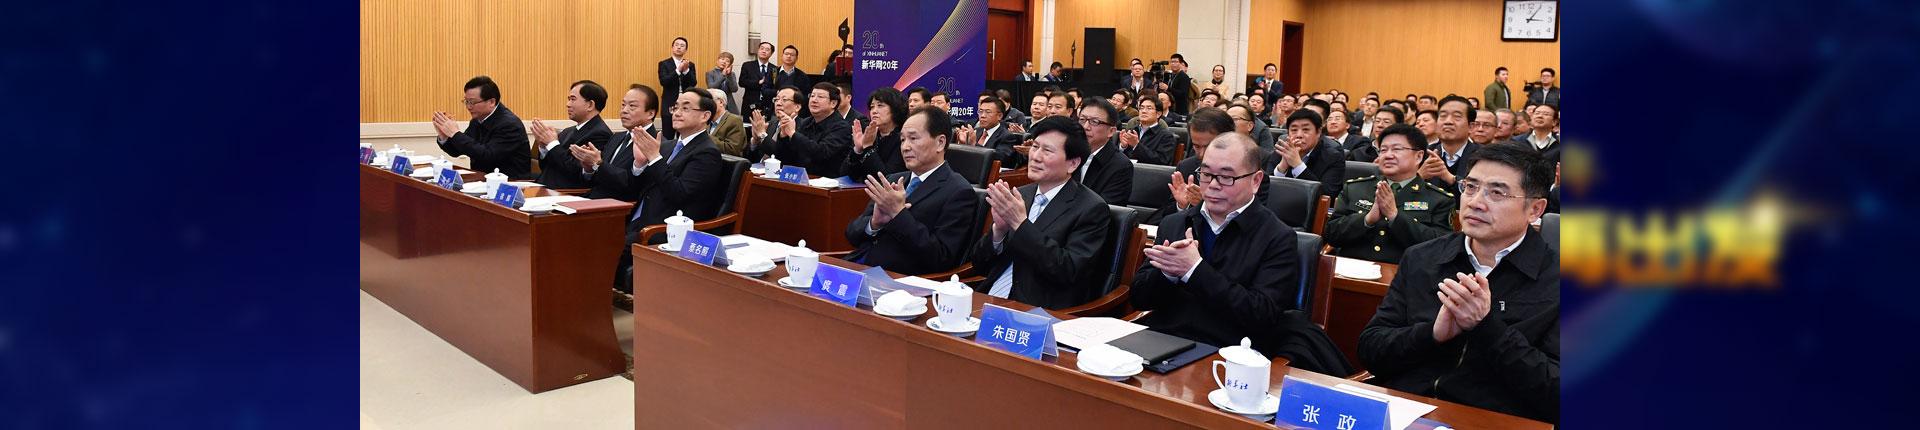 新华网成立20周年座谈会举行